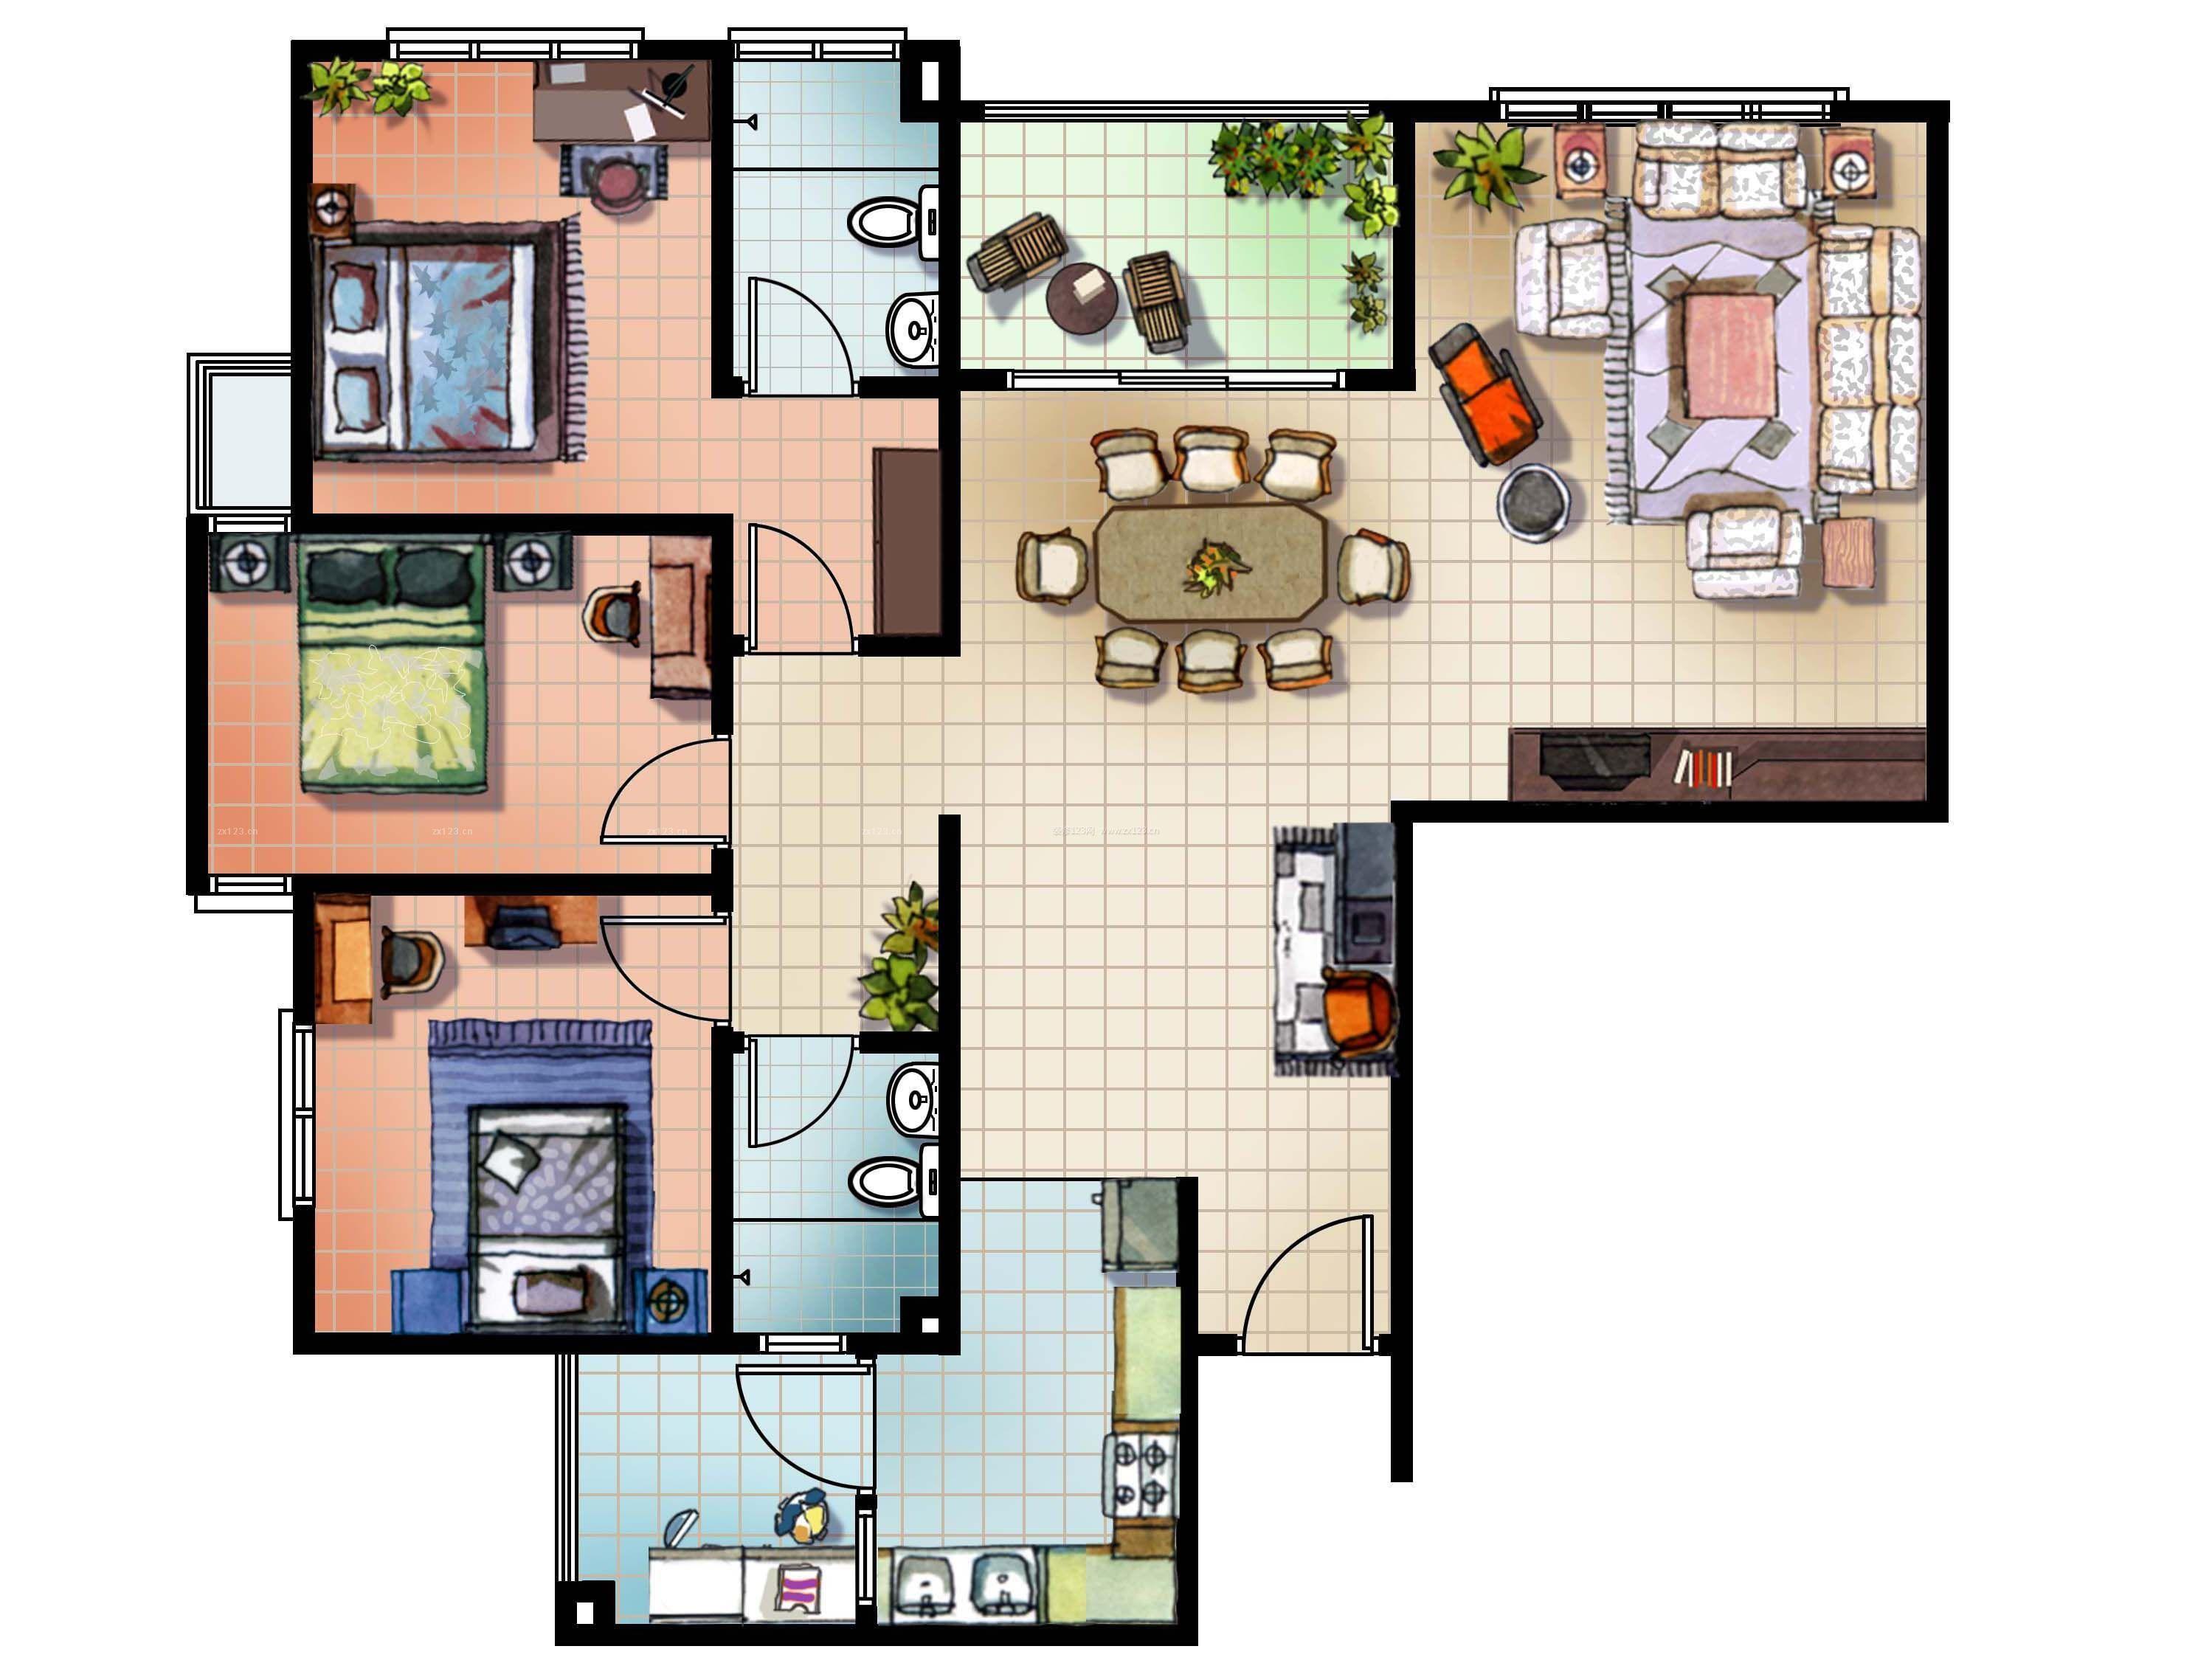 120平米独栋别墅三室两厅经典户型图